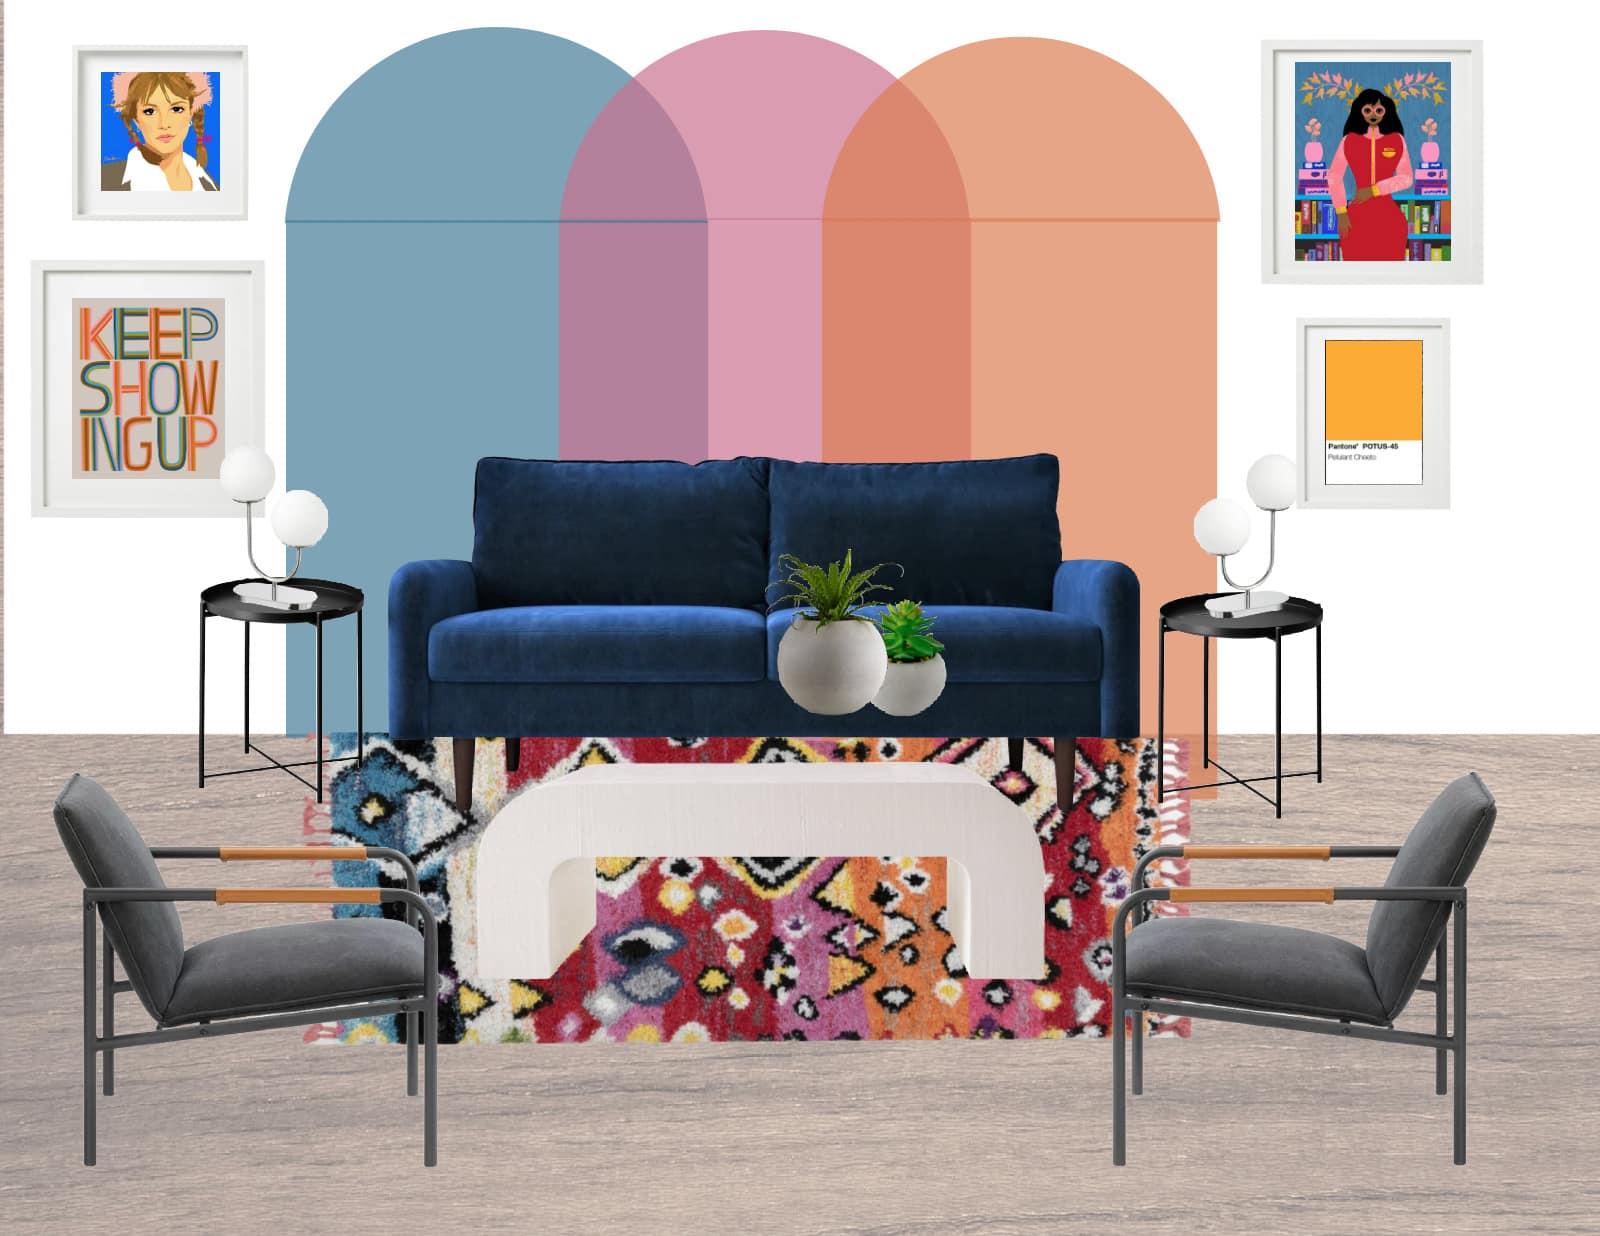 design board with mural inspo